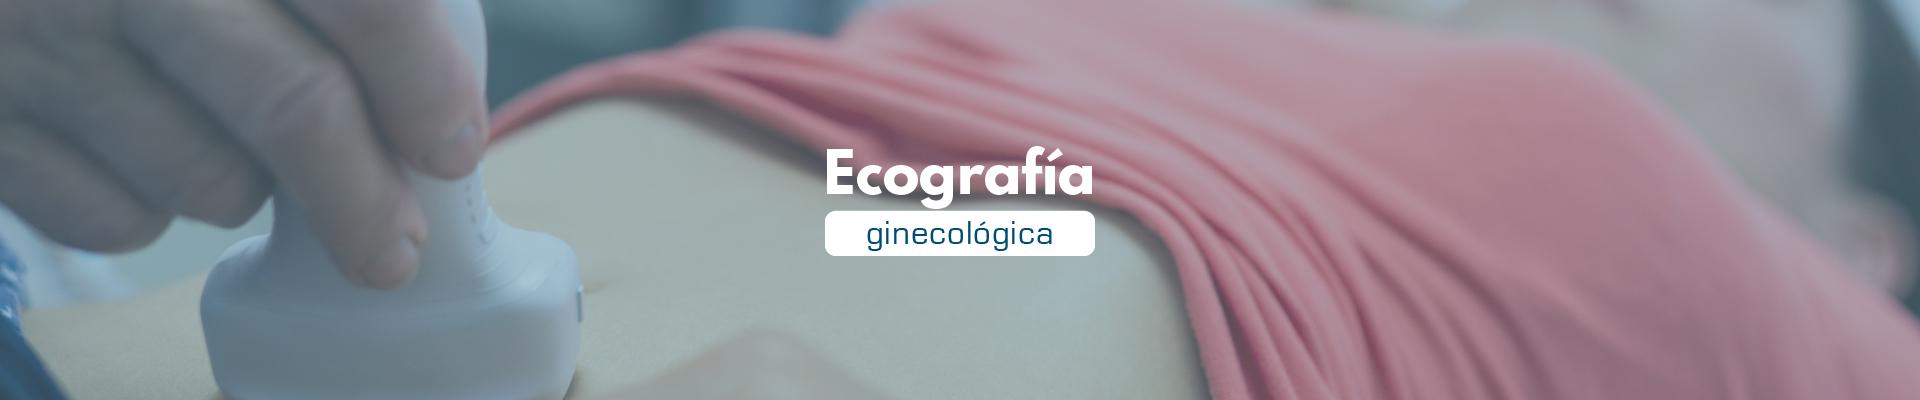 Ecografía ginecológica - Fundación Clínica del Norte